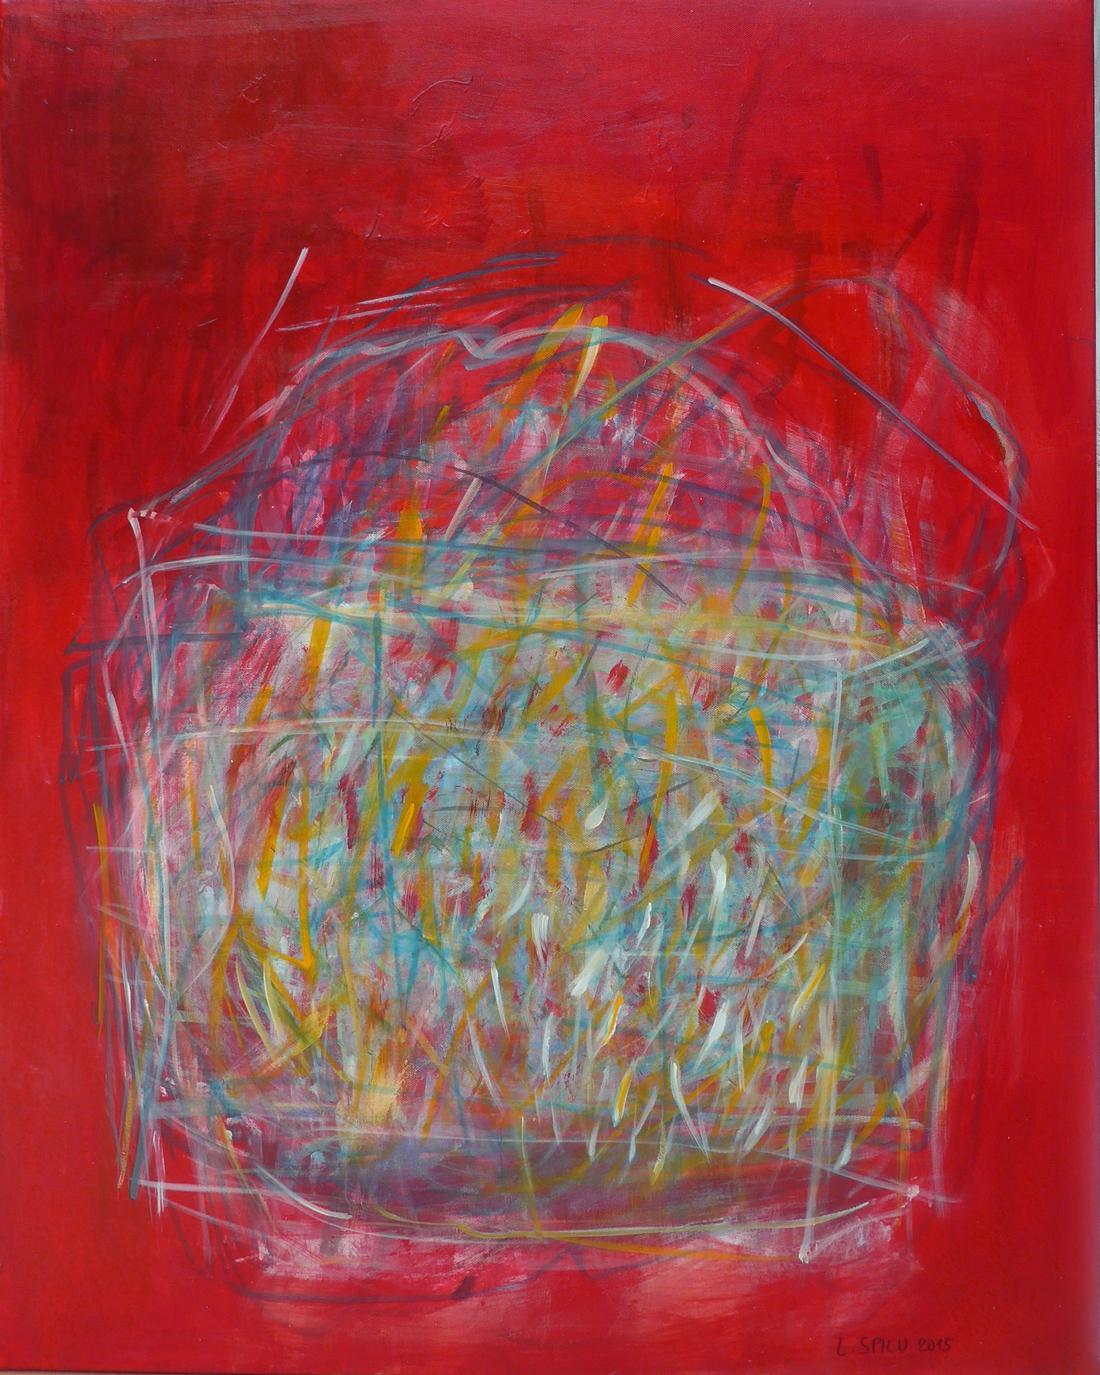 o.T. (Einkaufstasche auf Rot), 100x80, 2015